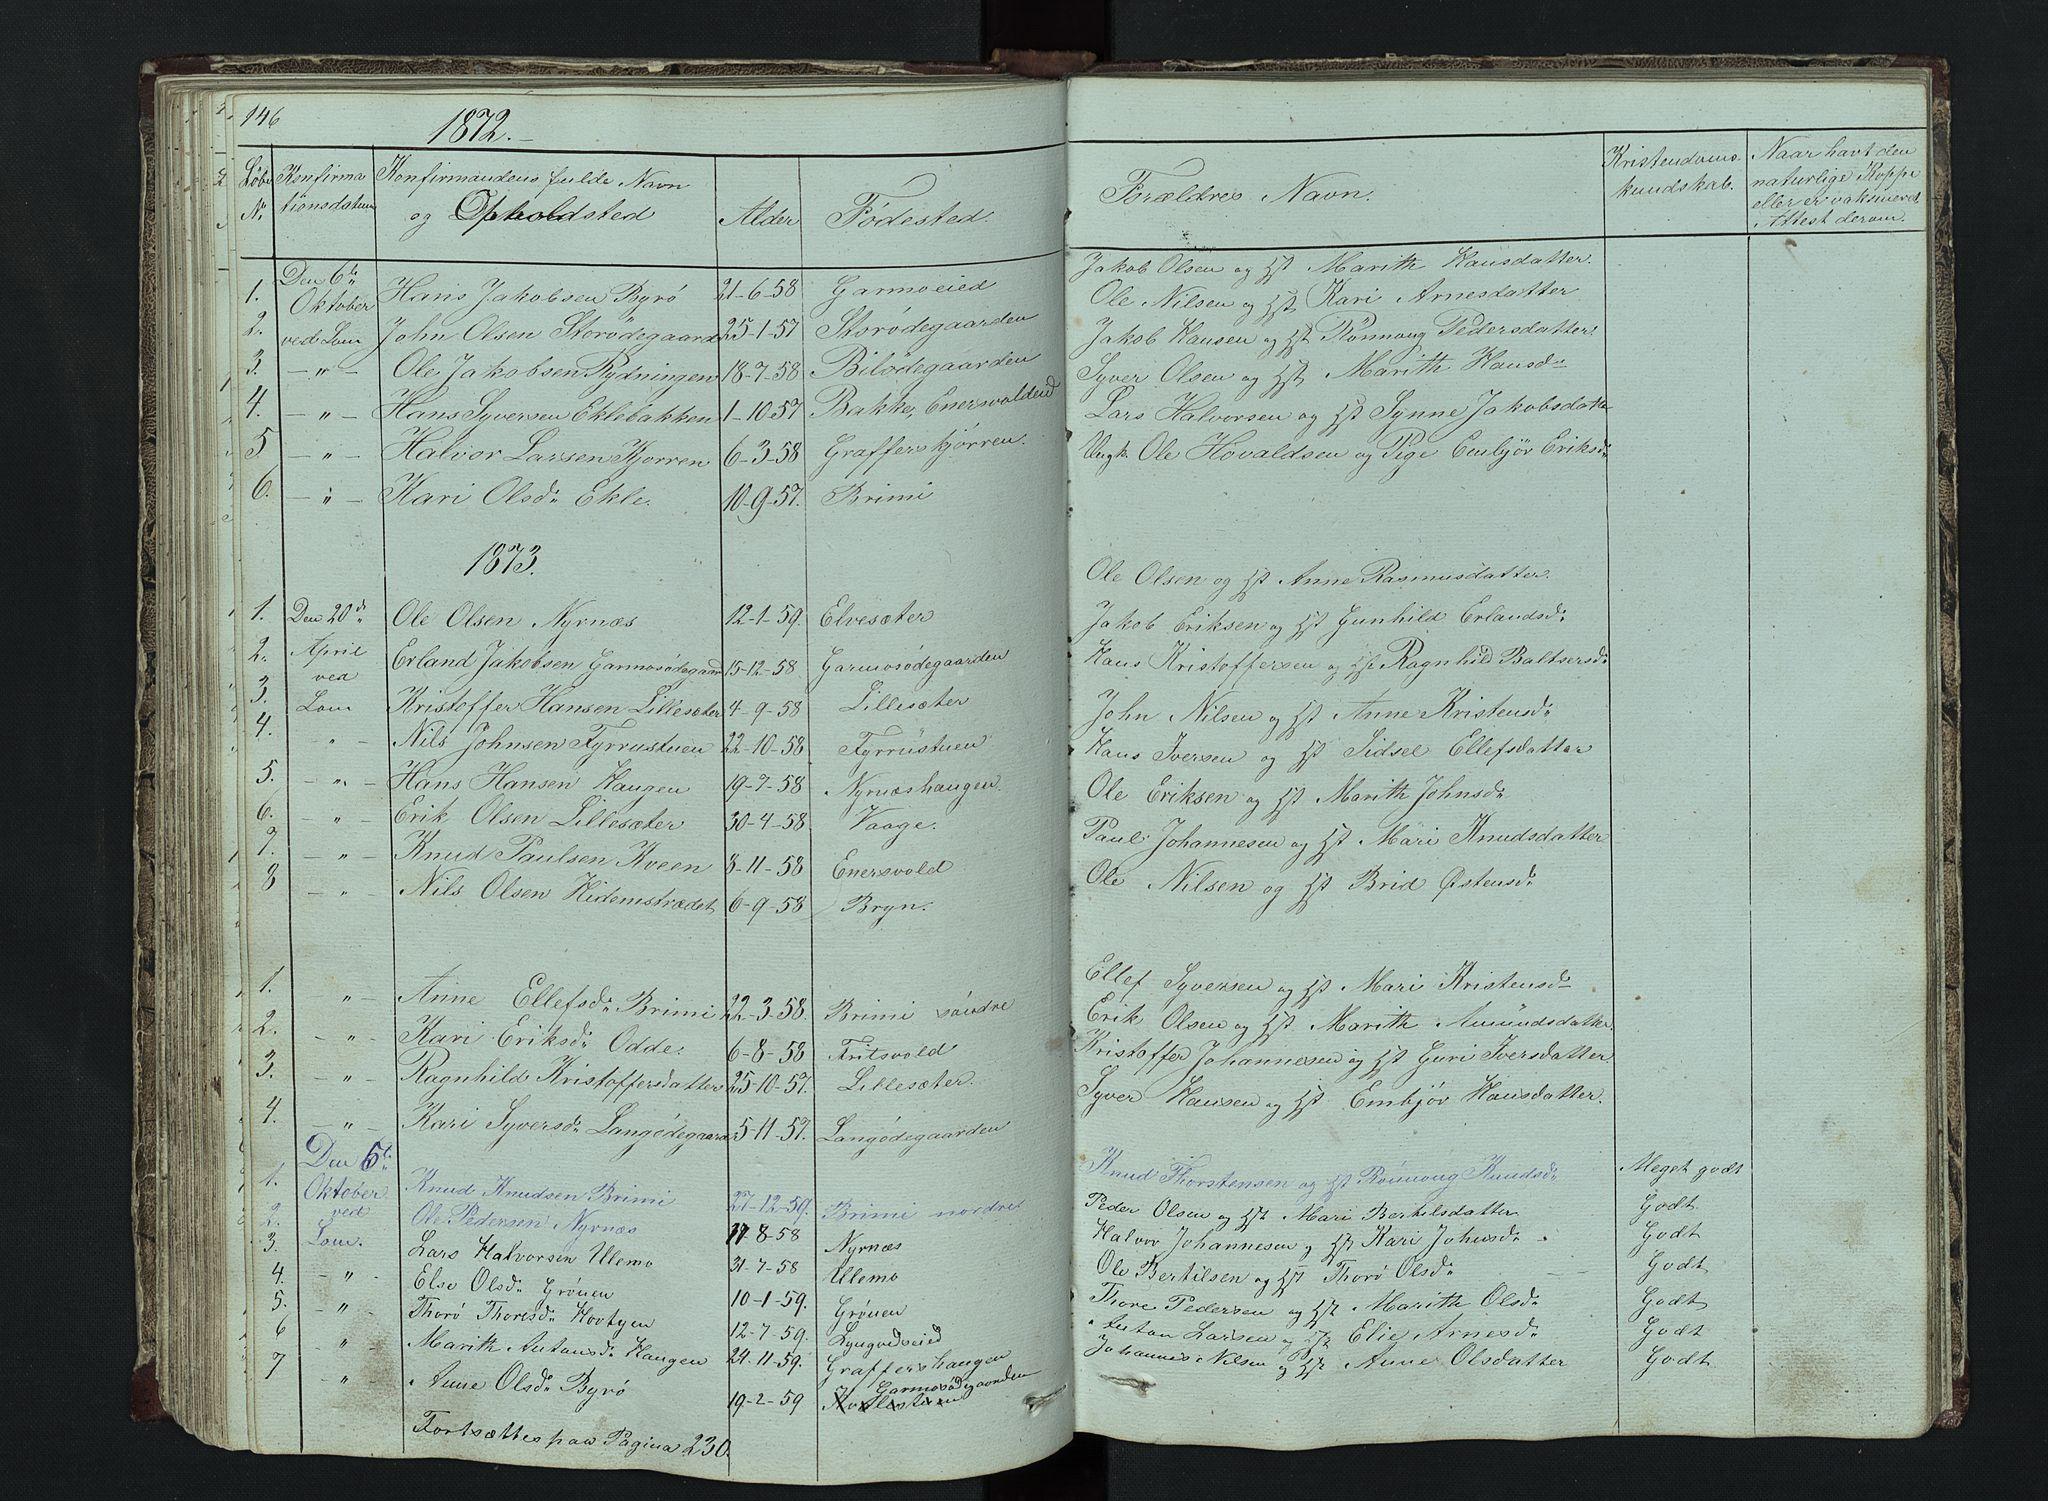 SAH, Lom prestekontor, L/L0014: Klokkerbok nr. 14, 1845-1876, s. 146-147